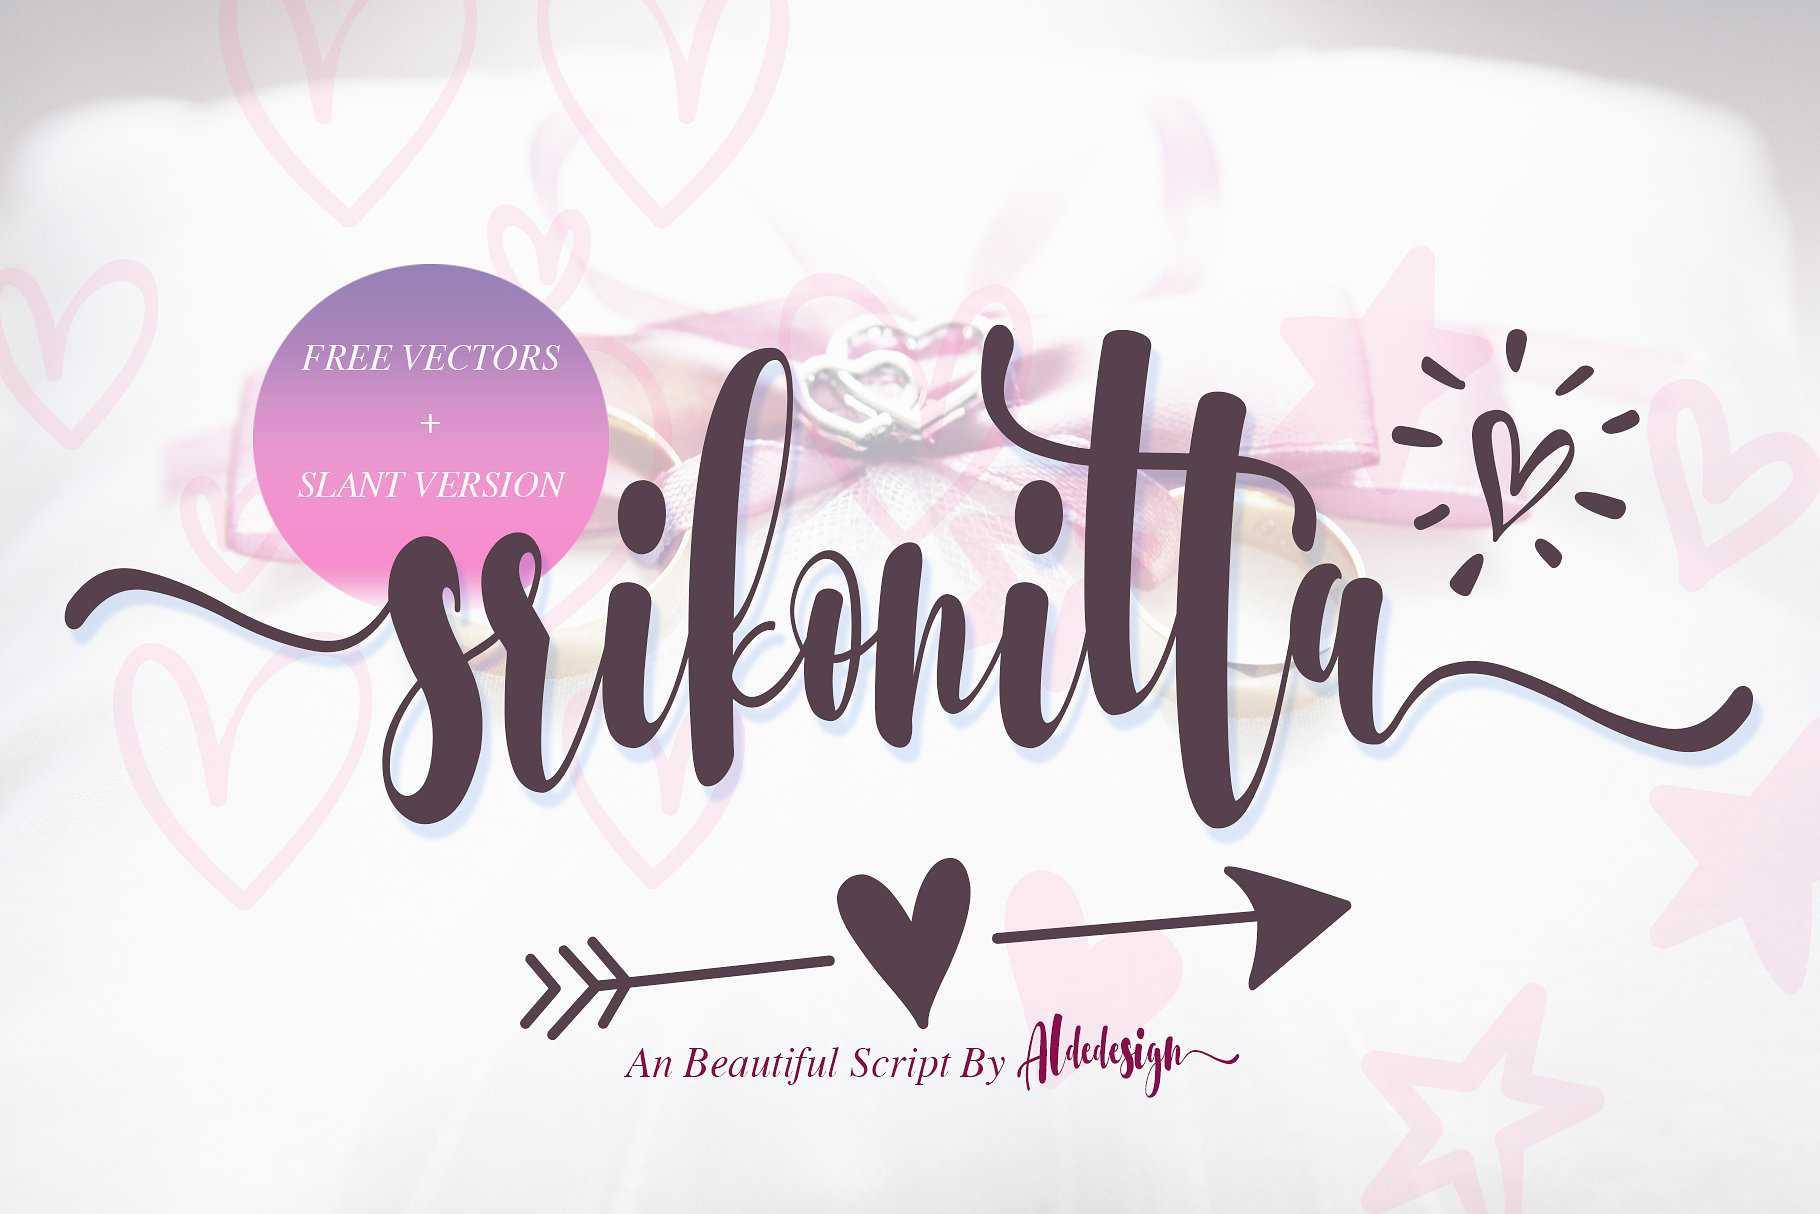 srikonitta-script-font